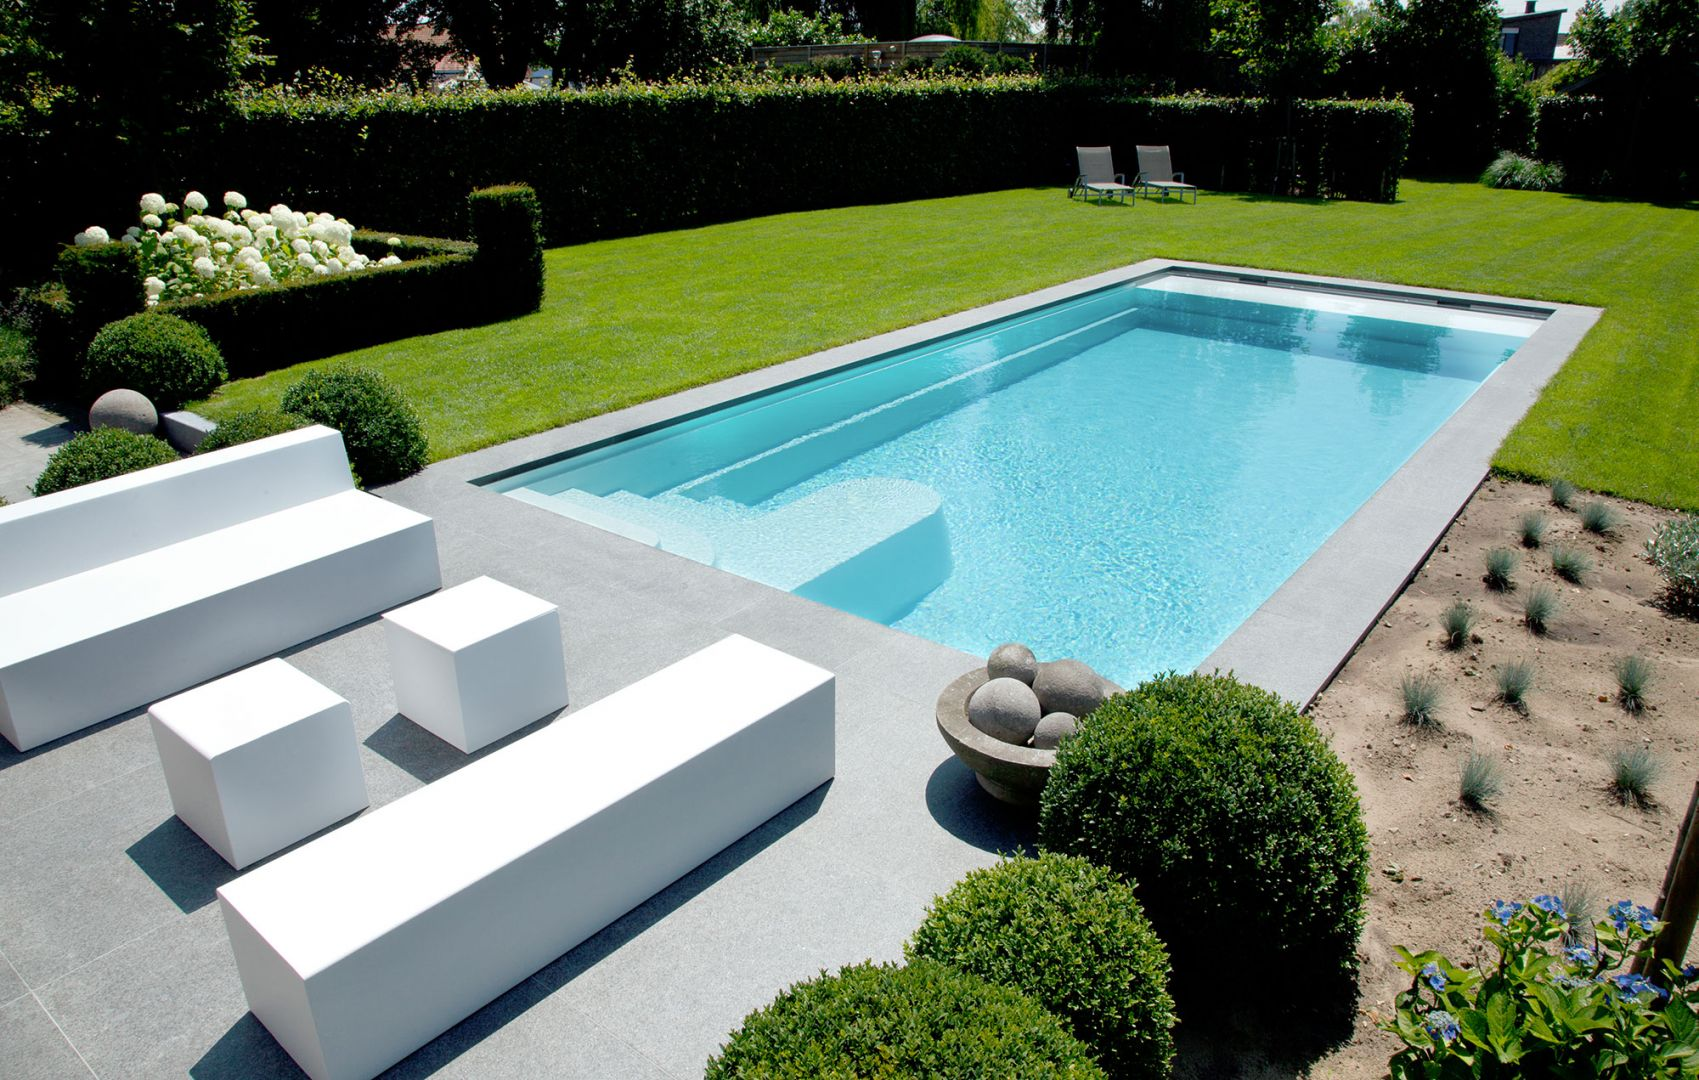 Monoblok keramische zwembaden lpw ceramic pools - Klein zwembad in de kleine tuin ...